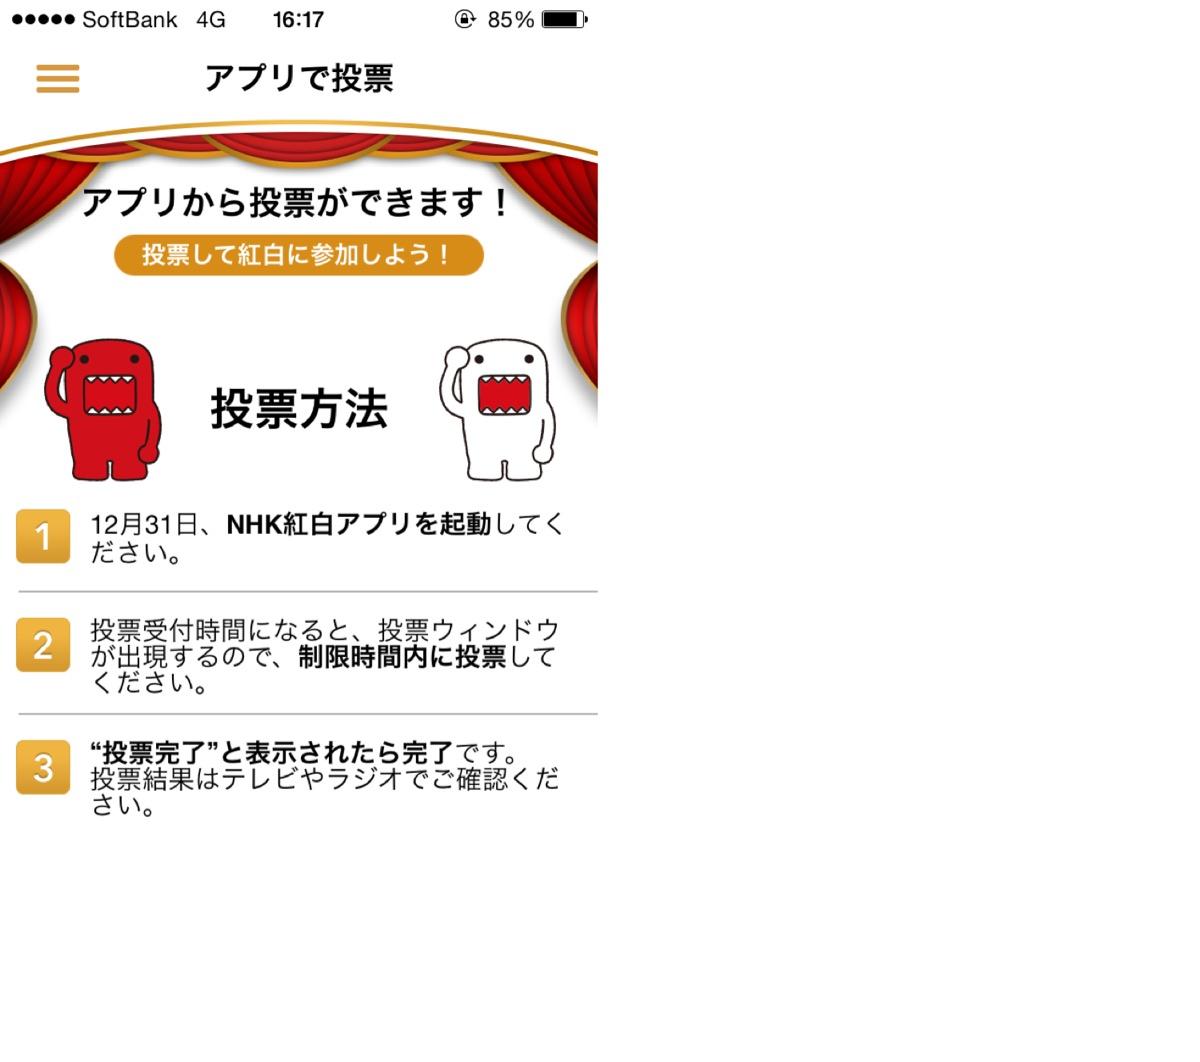 nhk紅白歌合戦の投票アプリ